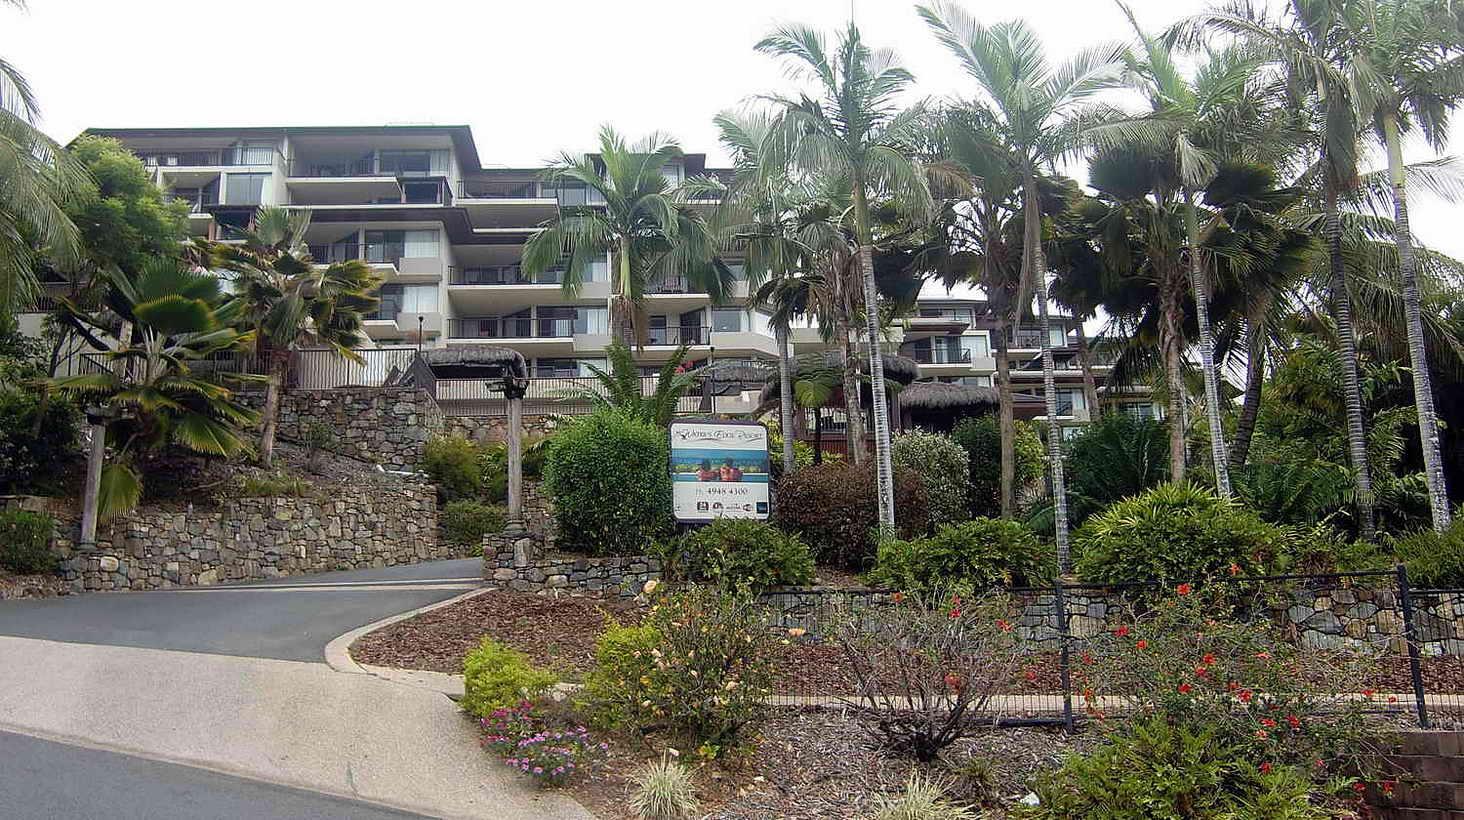 australien 2011 fahrt von townsville nach airlie beach. Black Bedroom Furniture Sets. Home Design Ideas